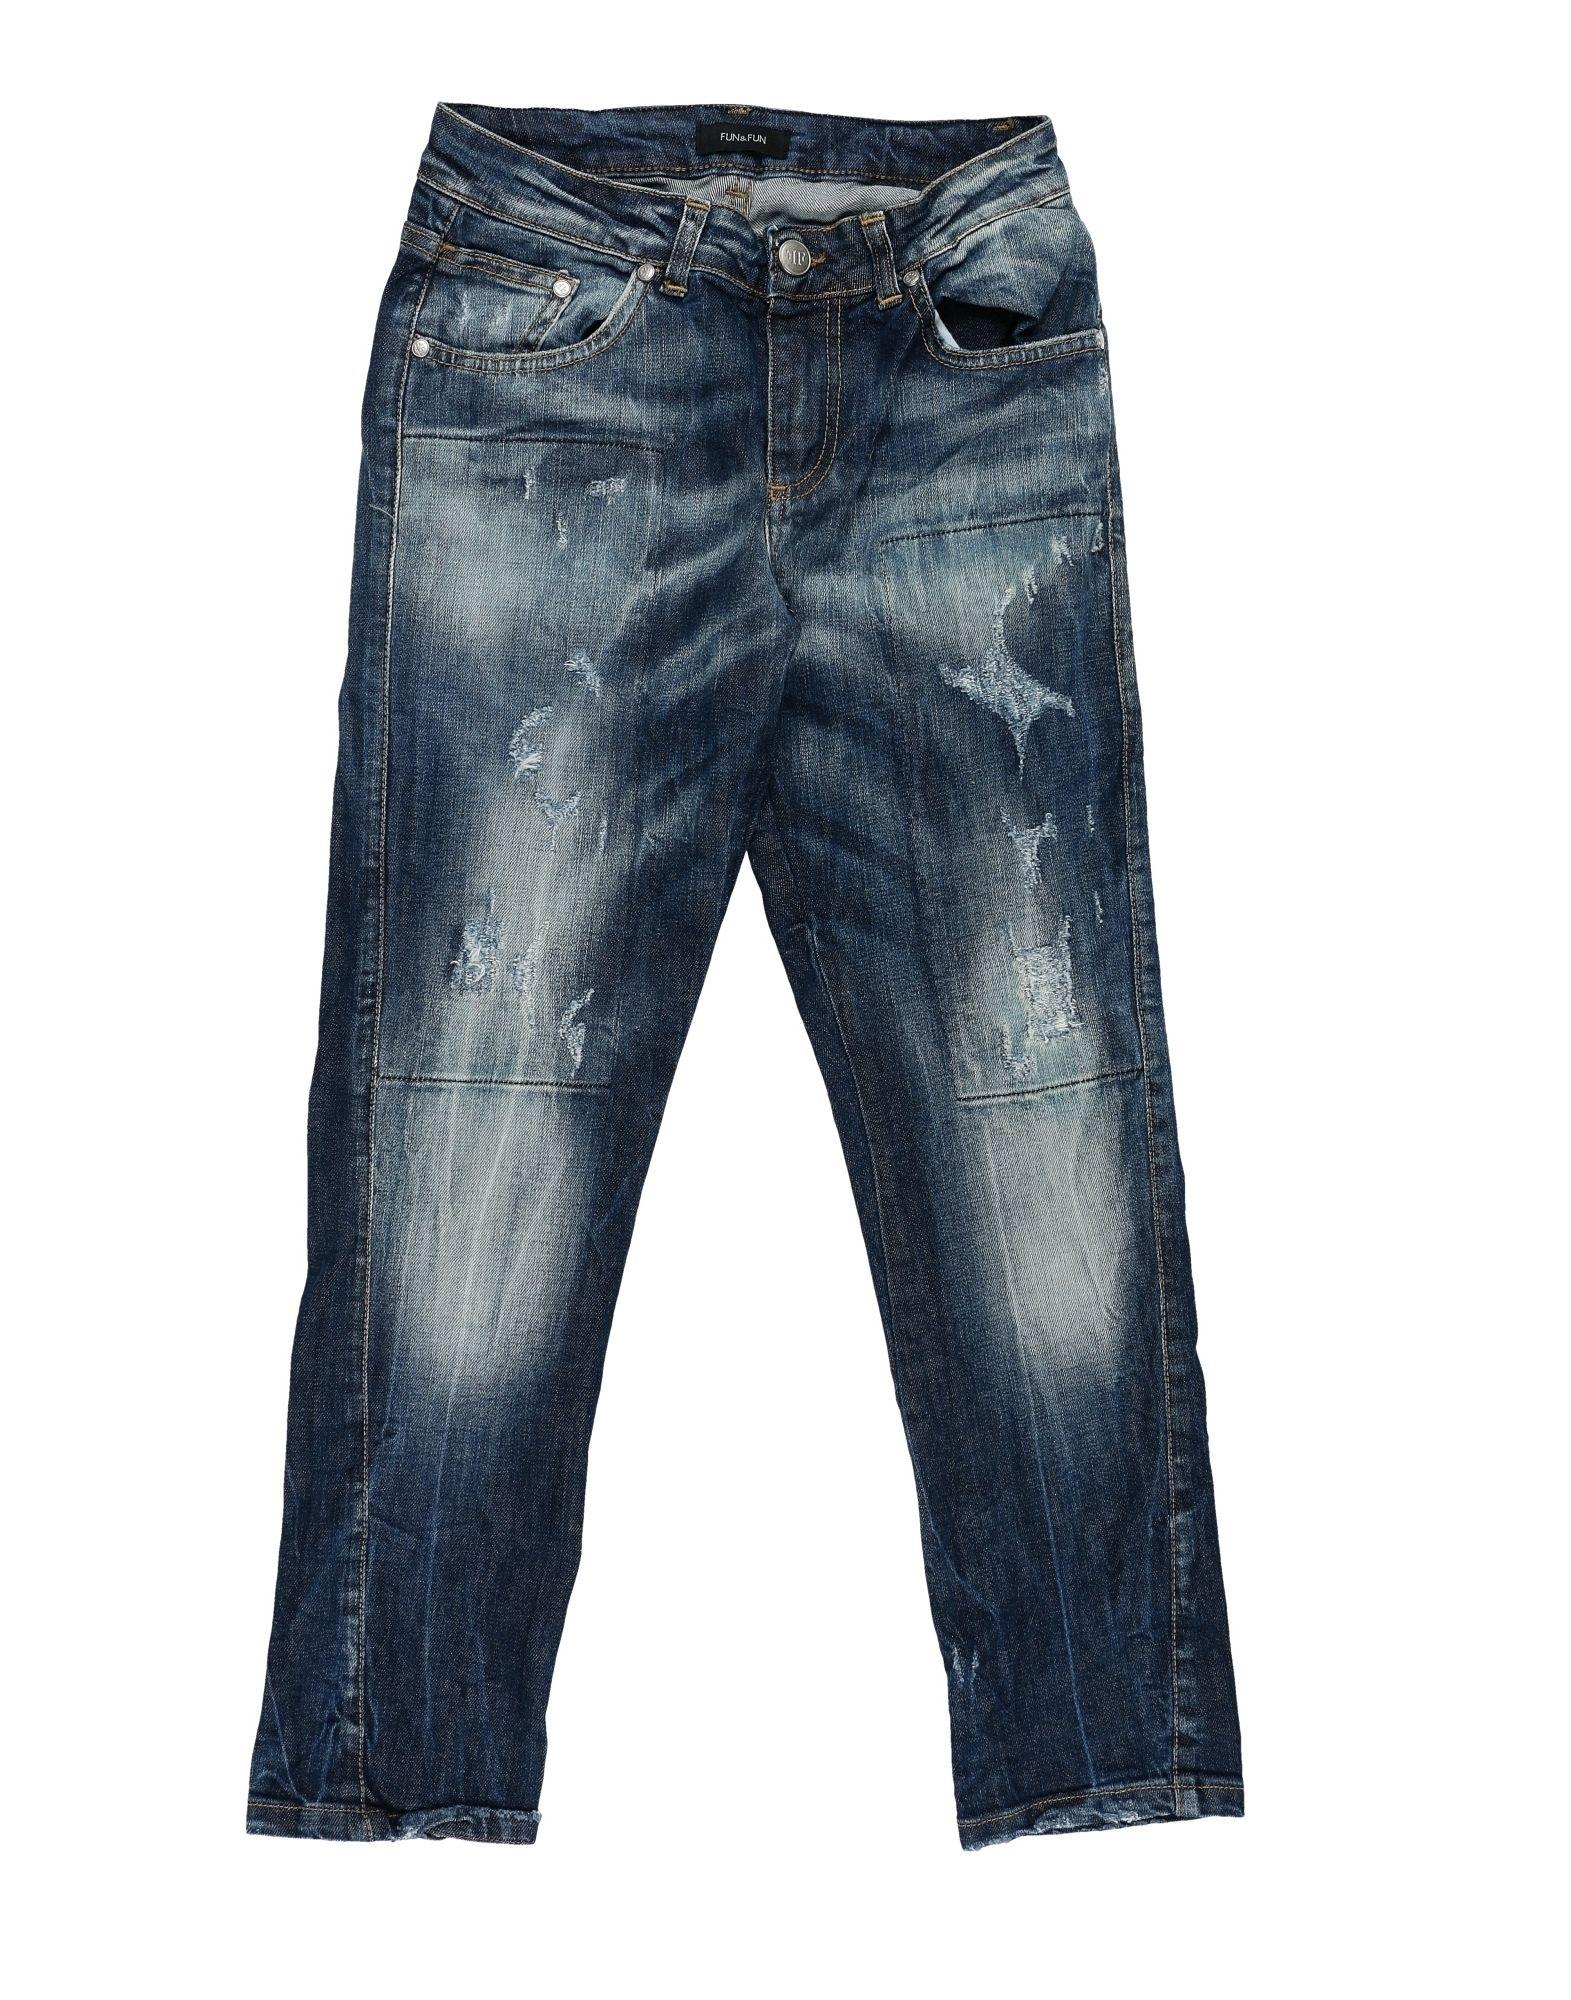 FUN & FUN Джинсовые брюки fun fun брюки fun fun jpt2187 13з джинс